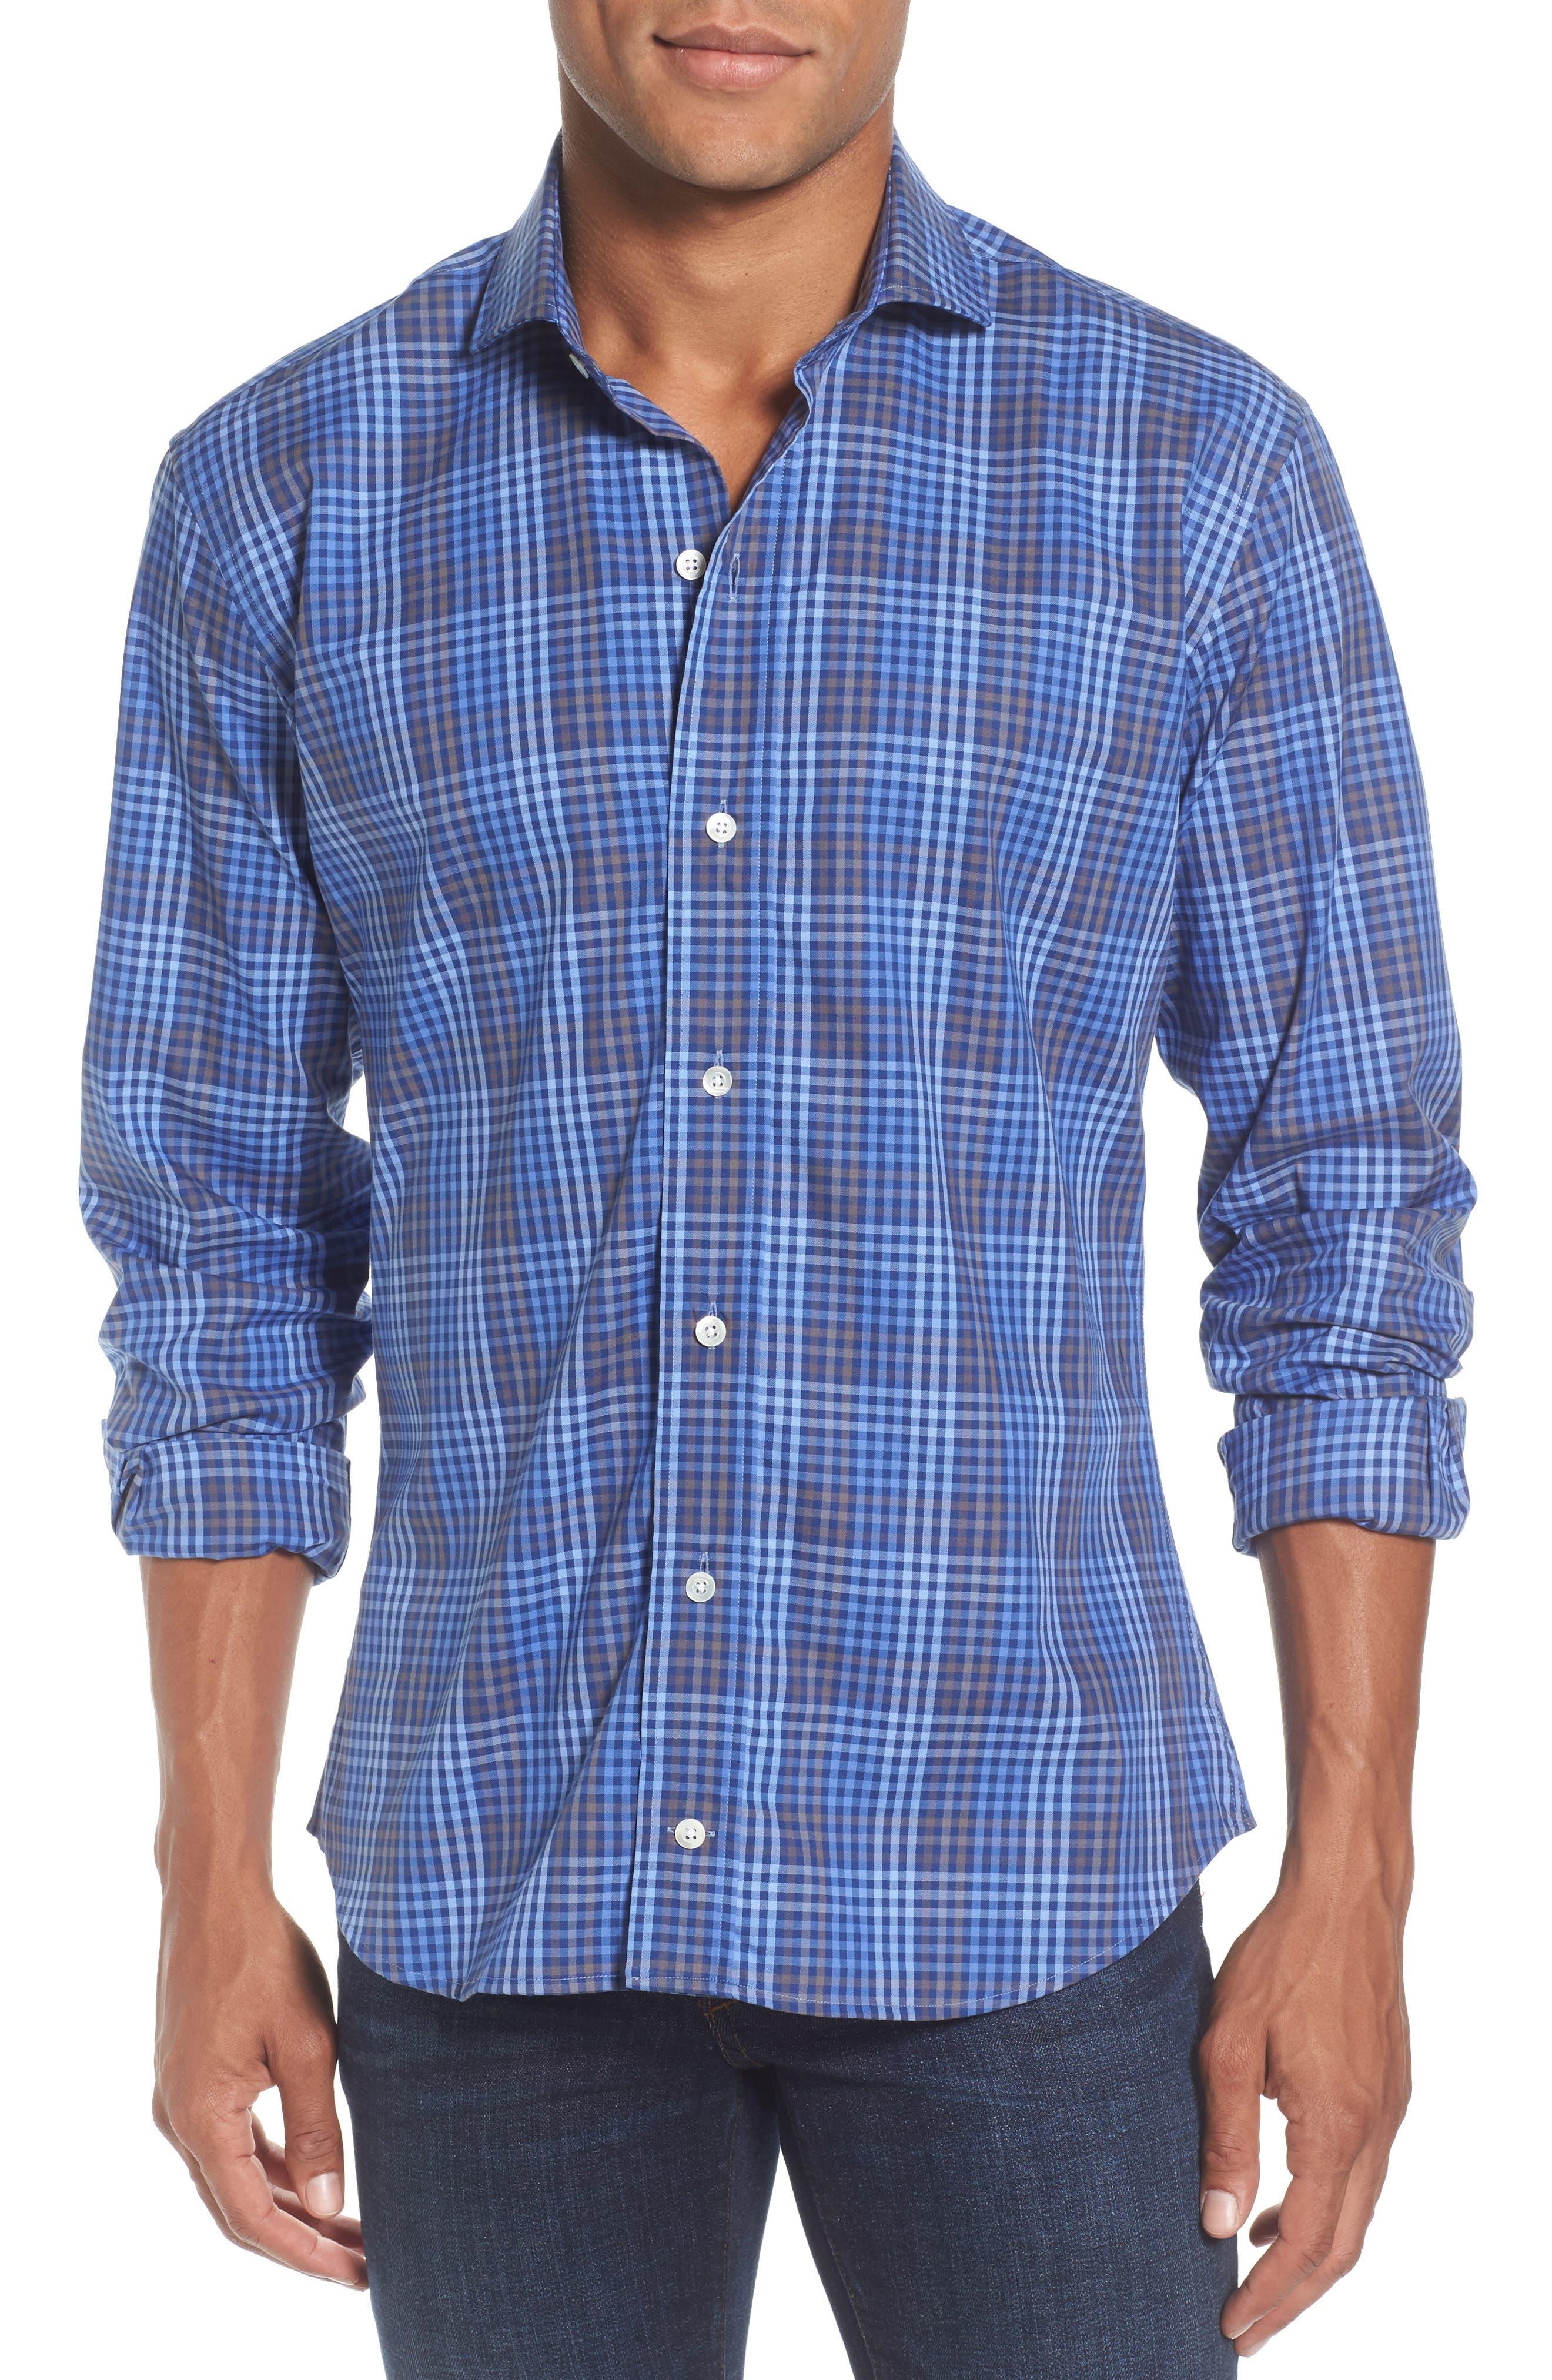 Alden Slim Fit Check Sport Shirt,                             Main thumbnail 1, color,                             400